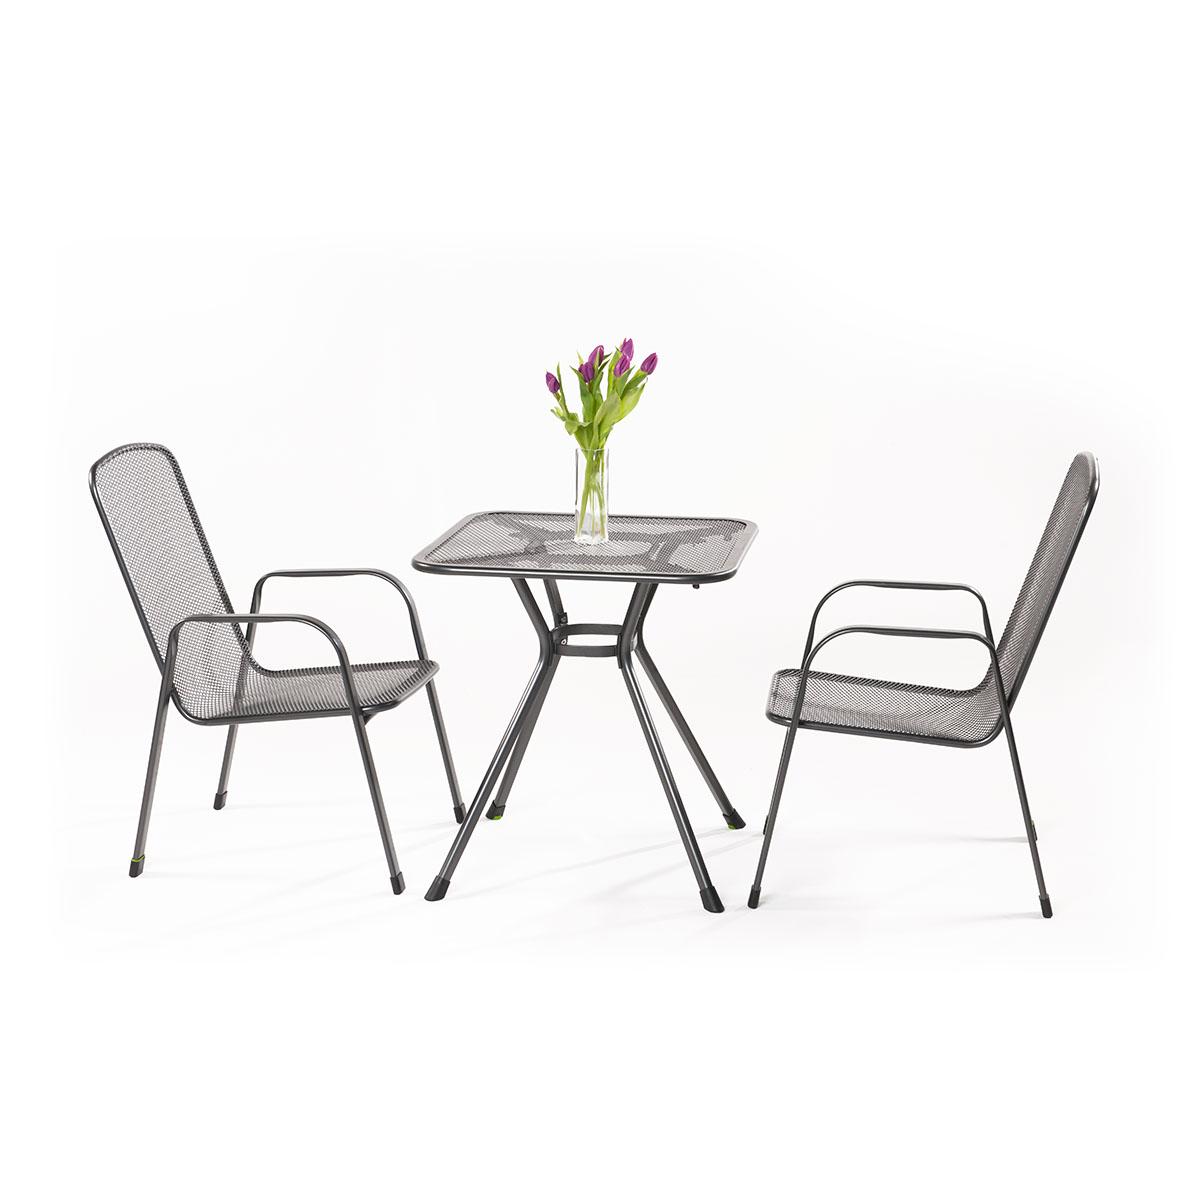 MWH Sabi 2+ sestava nábytku z tahokovu (2x židle Savoy Basic, 1x stůl Tavio 70)